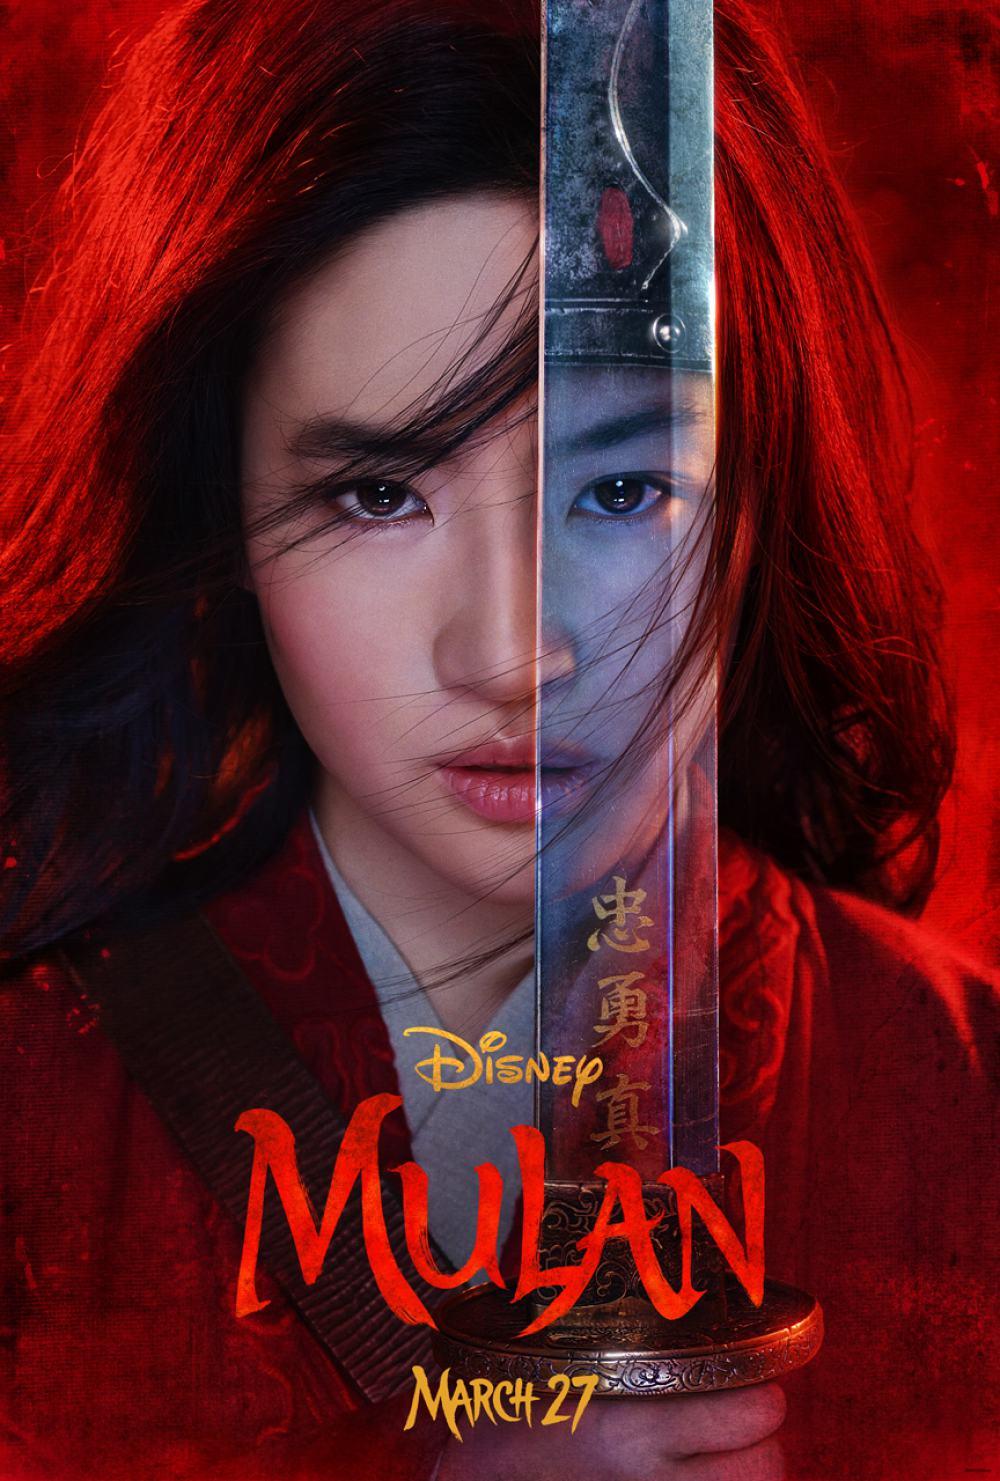 Mulan Theatrical Trailer (2020)